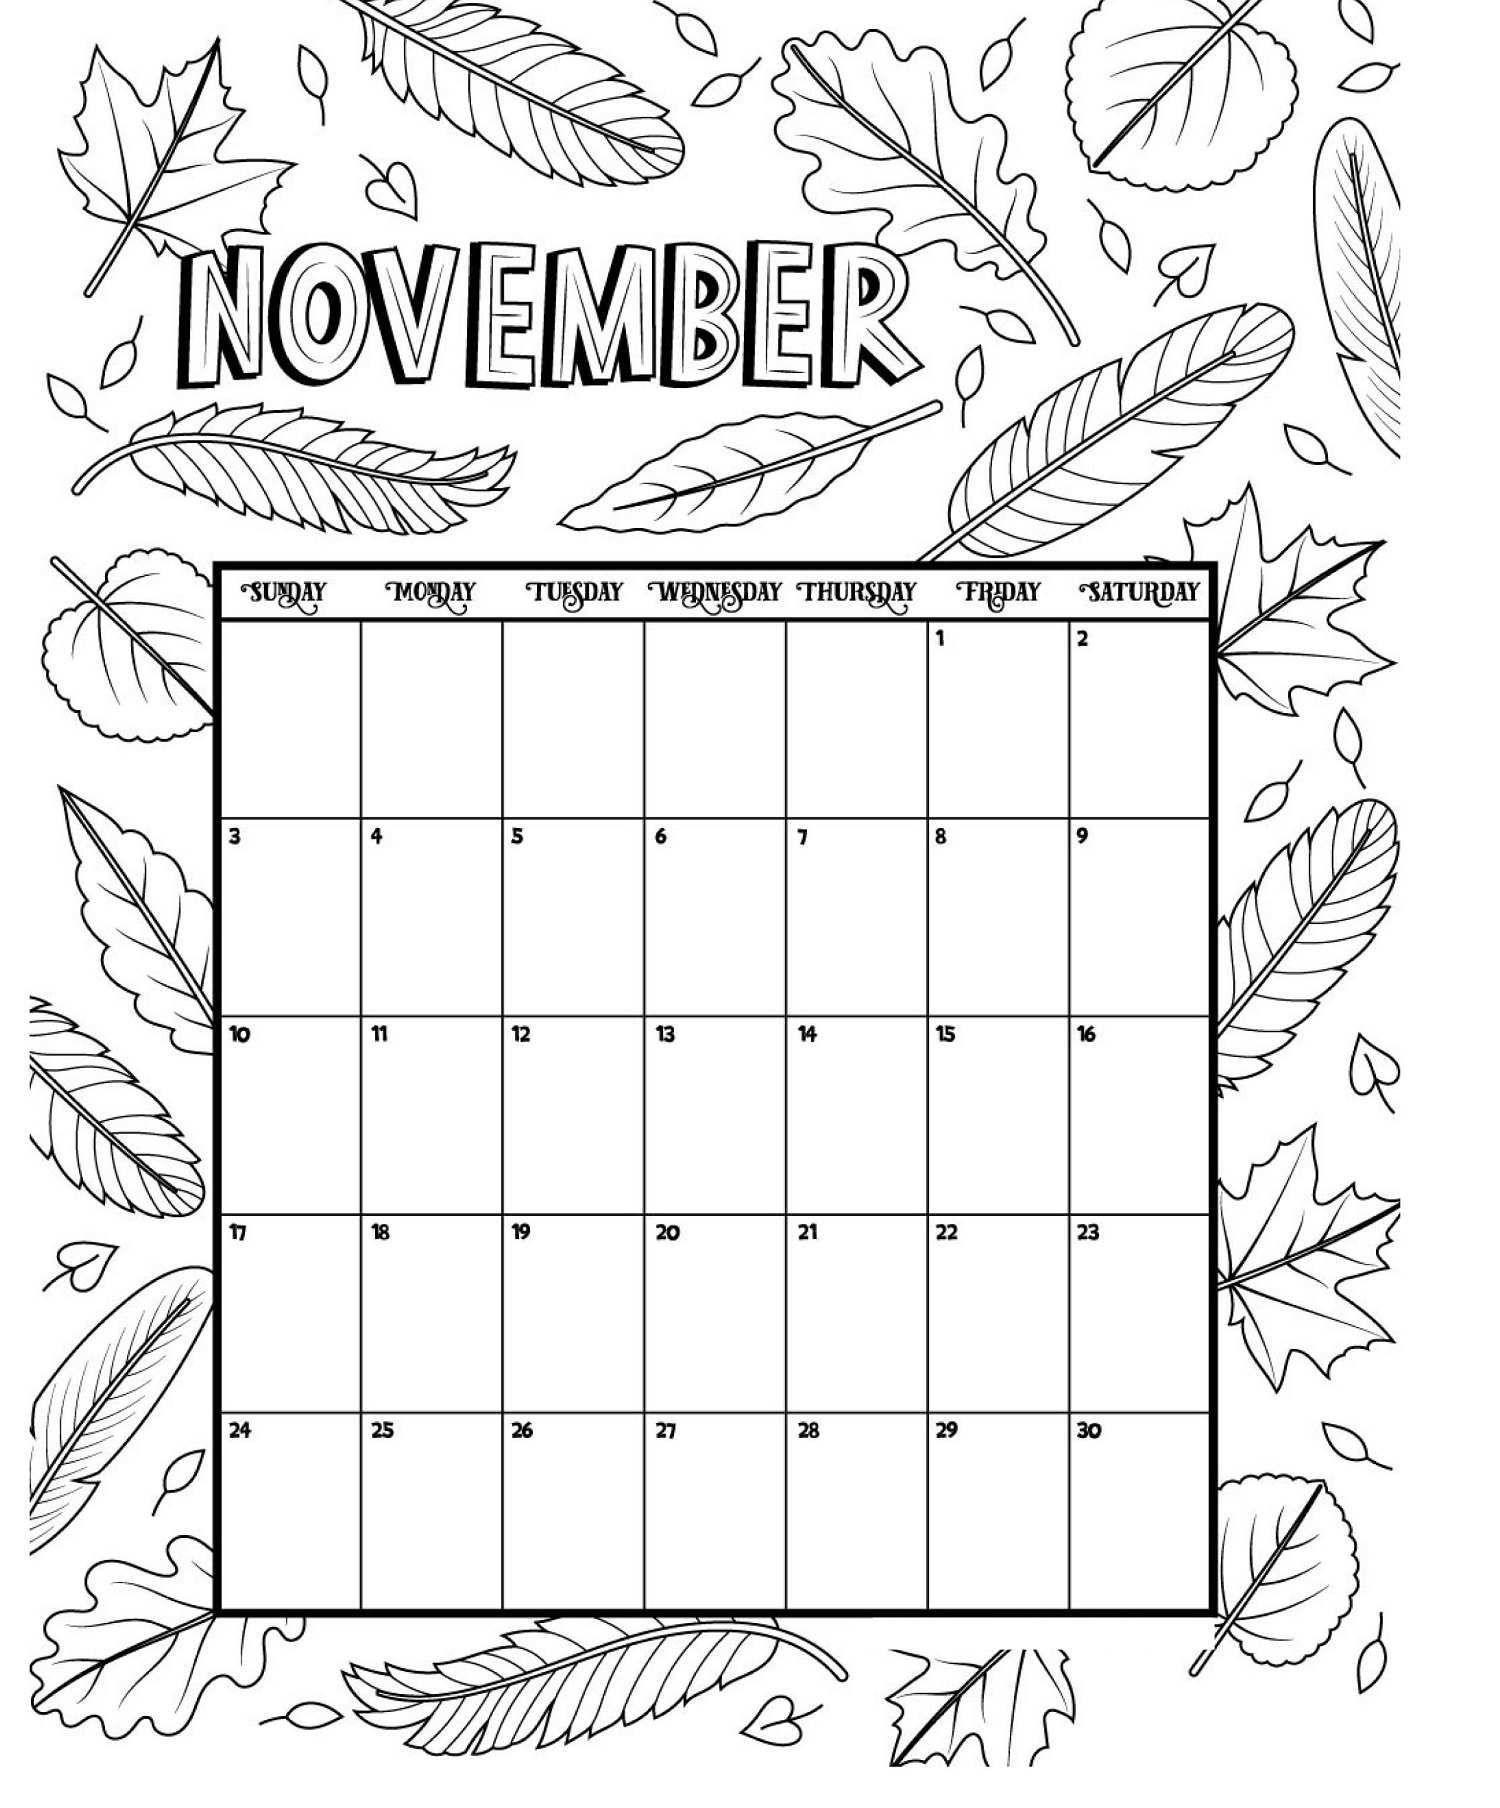 Printable Colouring Calendar 2019 In 2020 Coloring Calendar